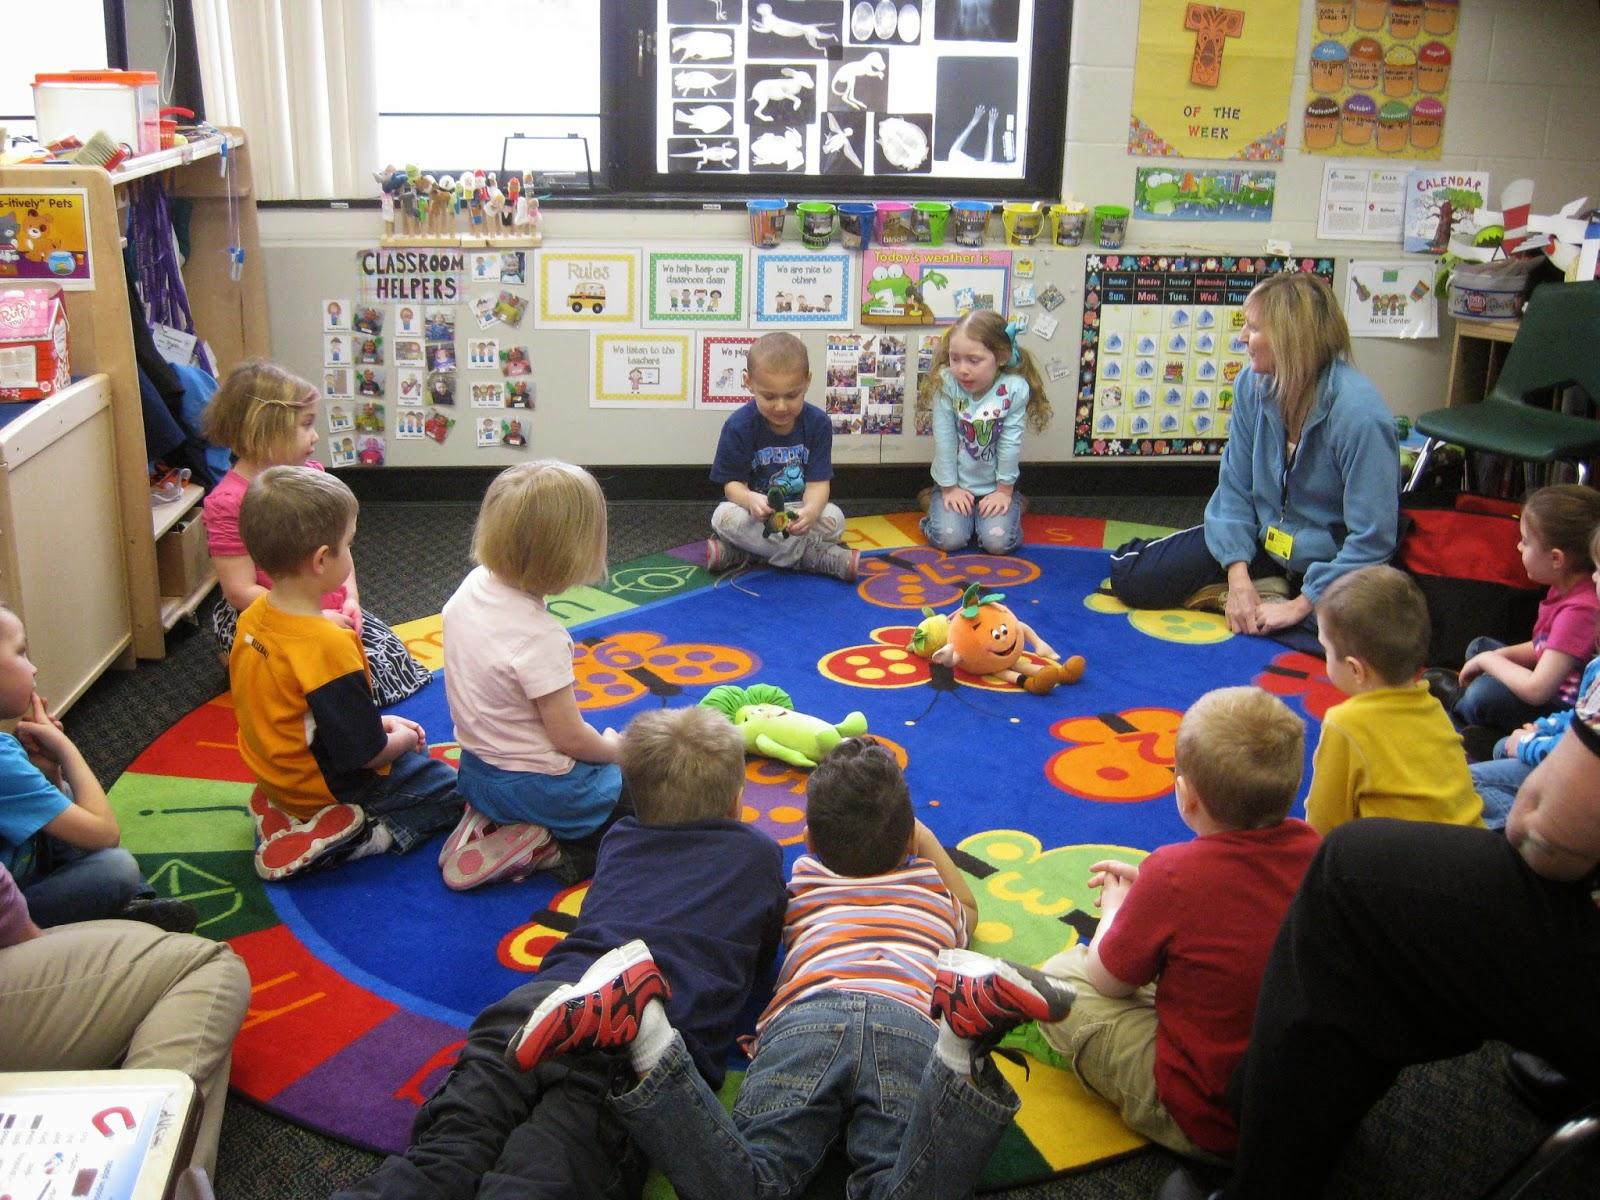 Van Y Preschool Preview: Life Cycles, Community Helpers ...